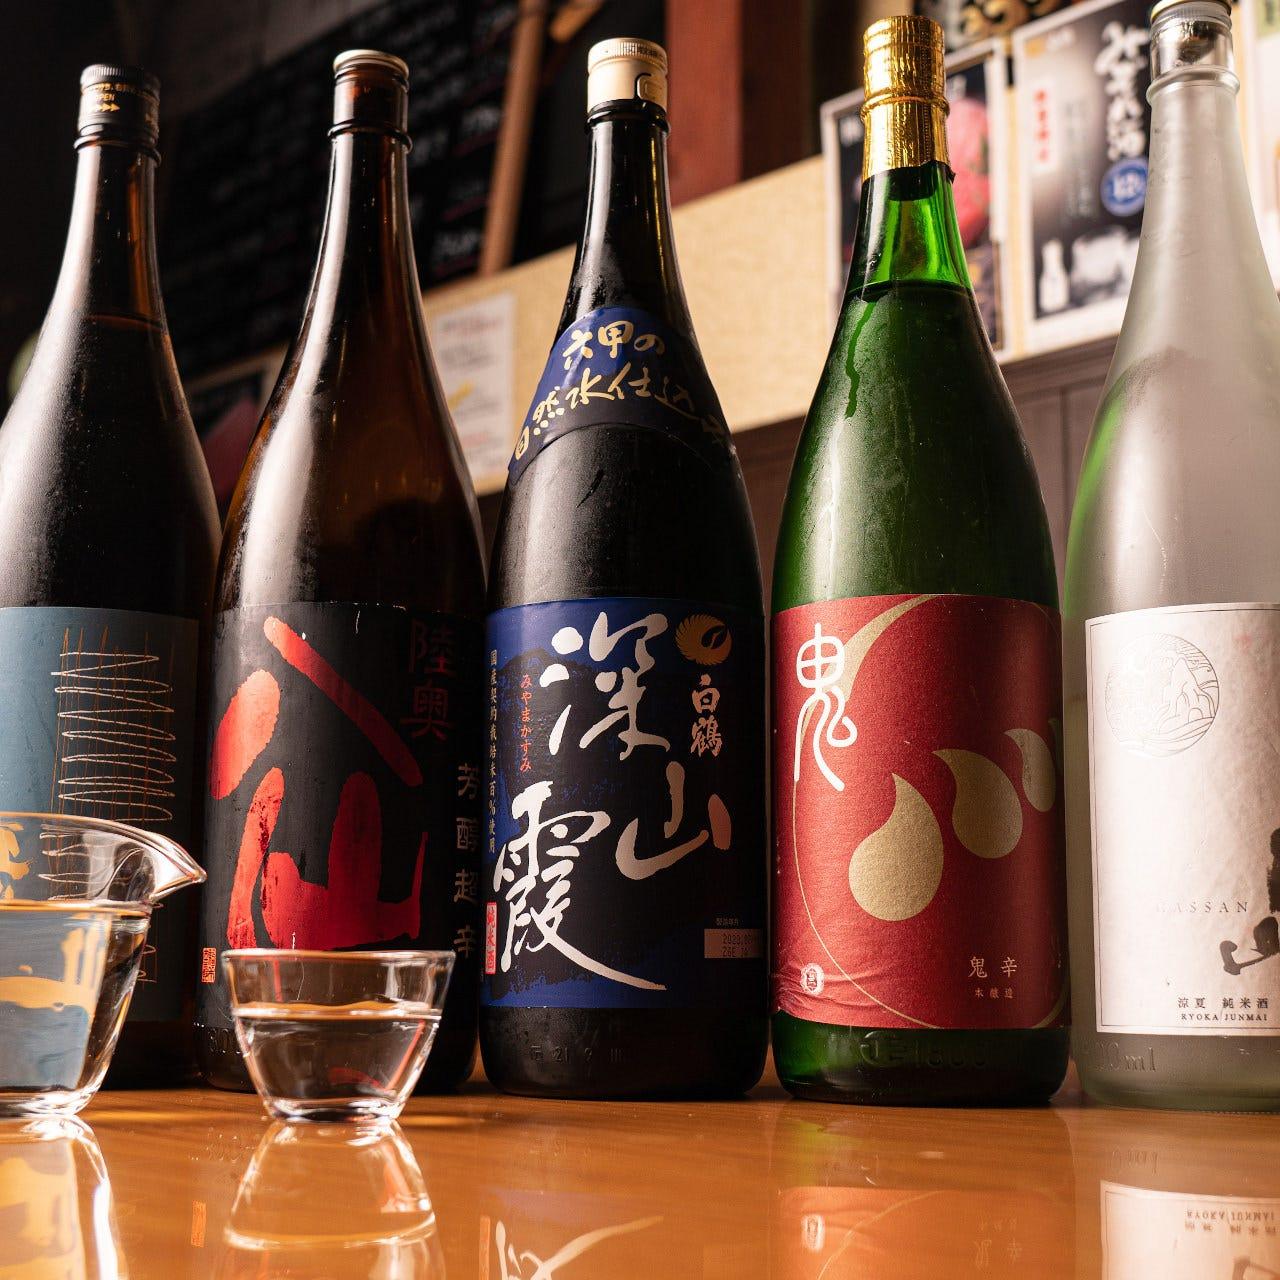 料理に合う多彩な日本酒をご用意